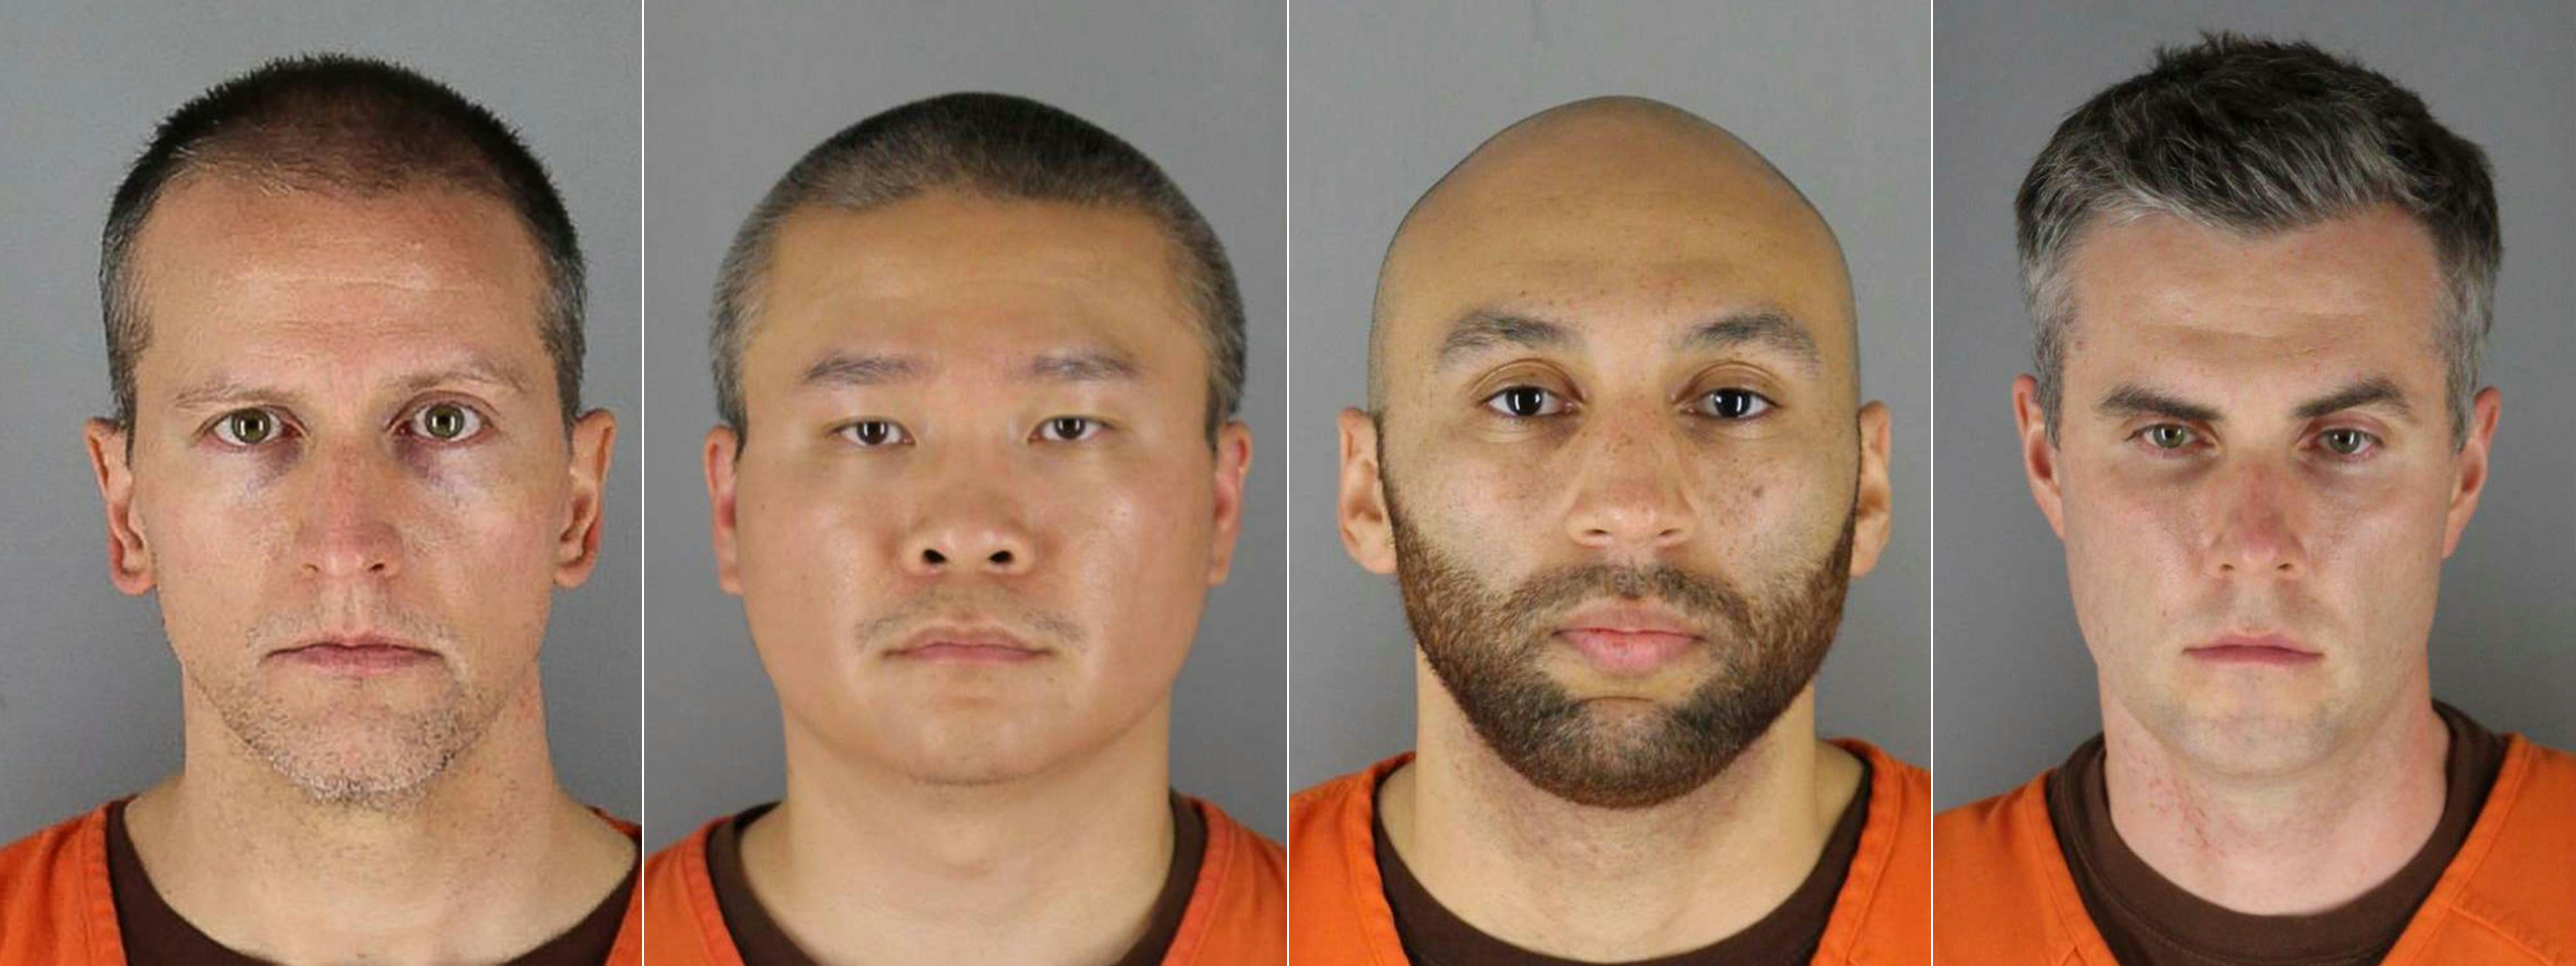 Chauvin (primeiro à esquerda) será julgado por assassinato, e seus três companheiros que participaram da prisão, por cumplicidade em assassinato (Foto: Handout/Hennepin County Jail/AFP)